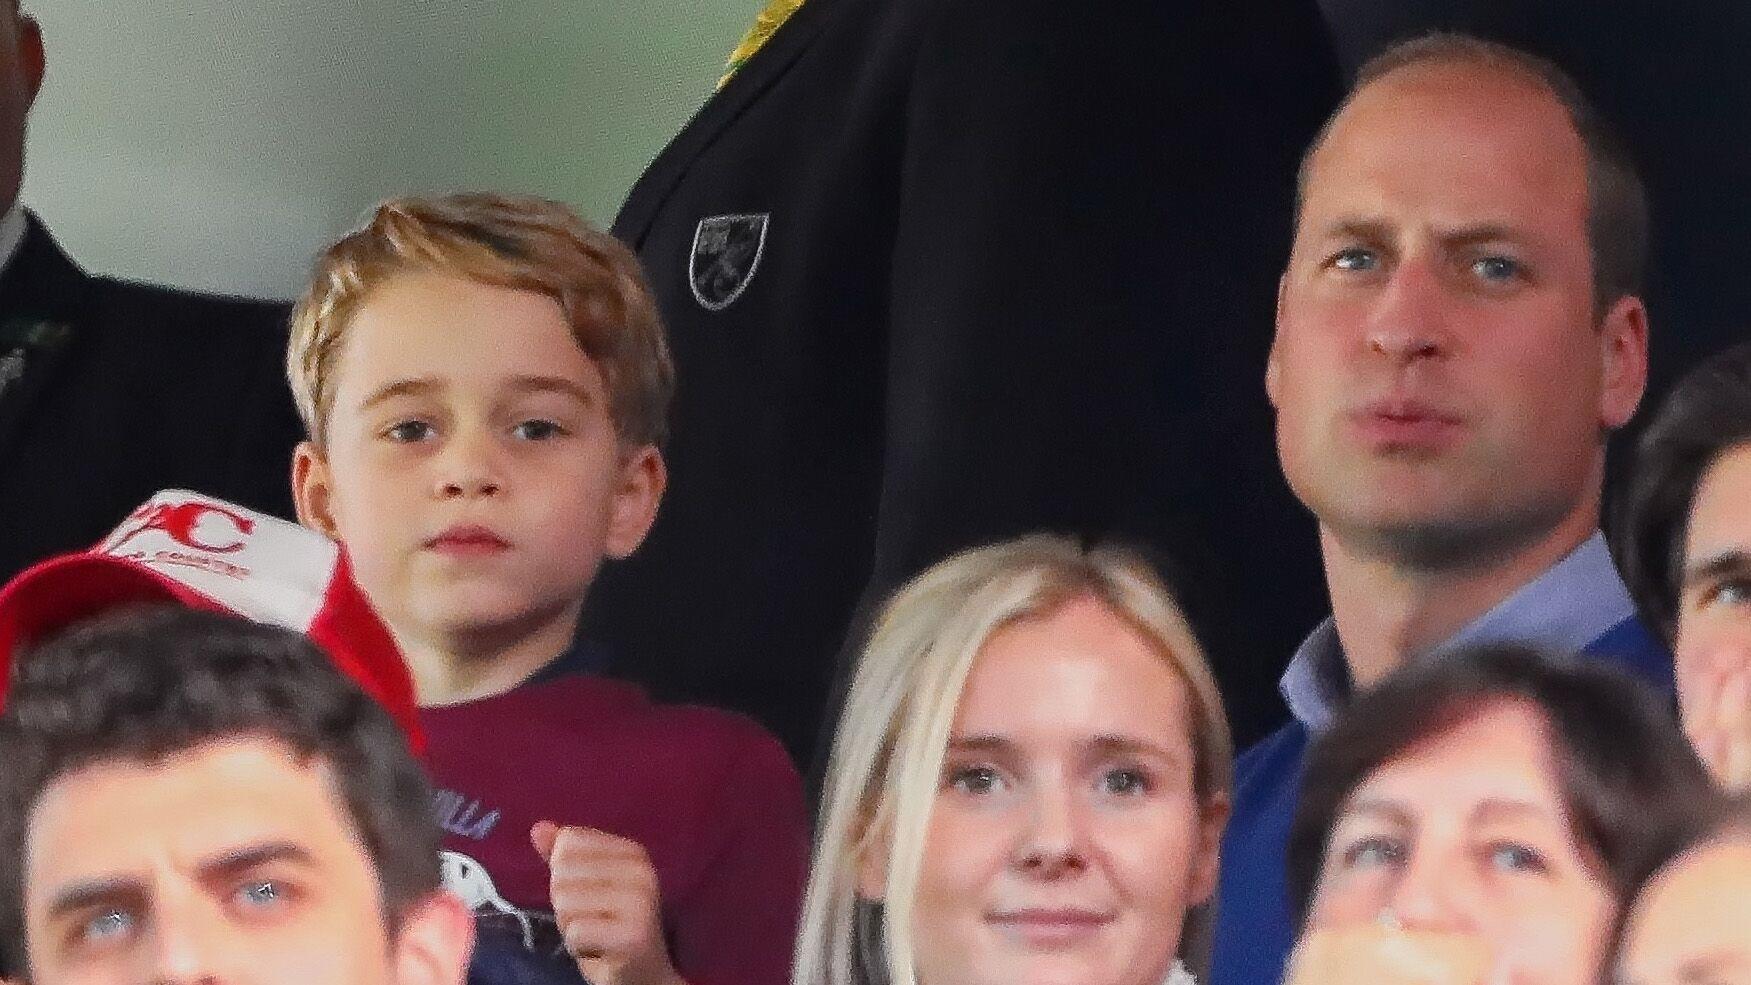 Le prince George trop heureux à un match de foot : pourquoi son papa William a dû rapidement le calmer